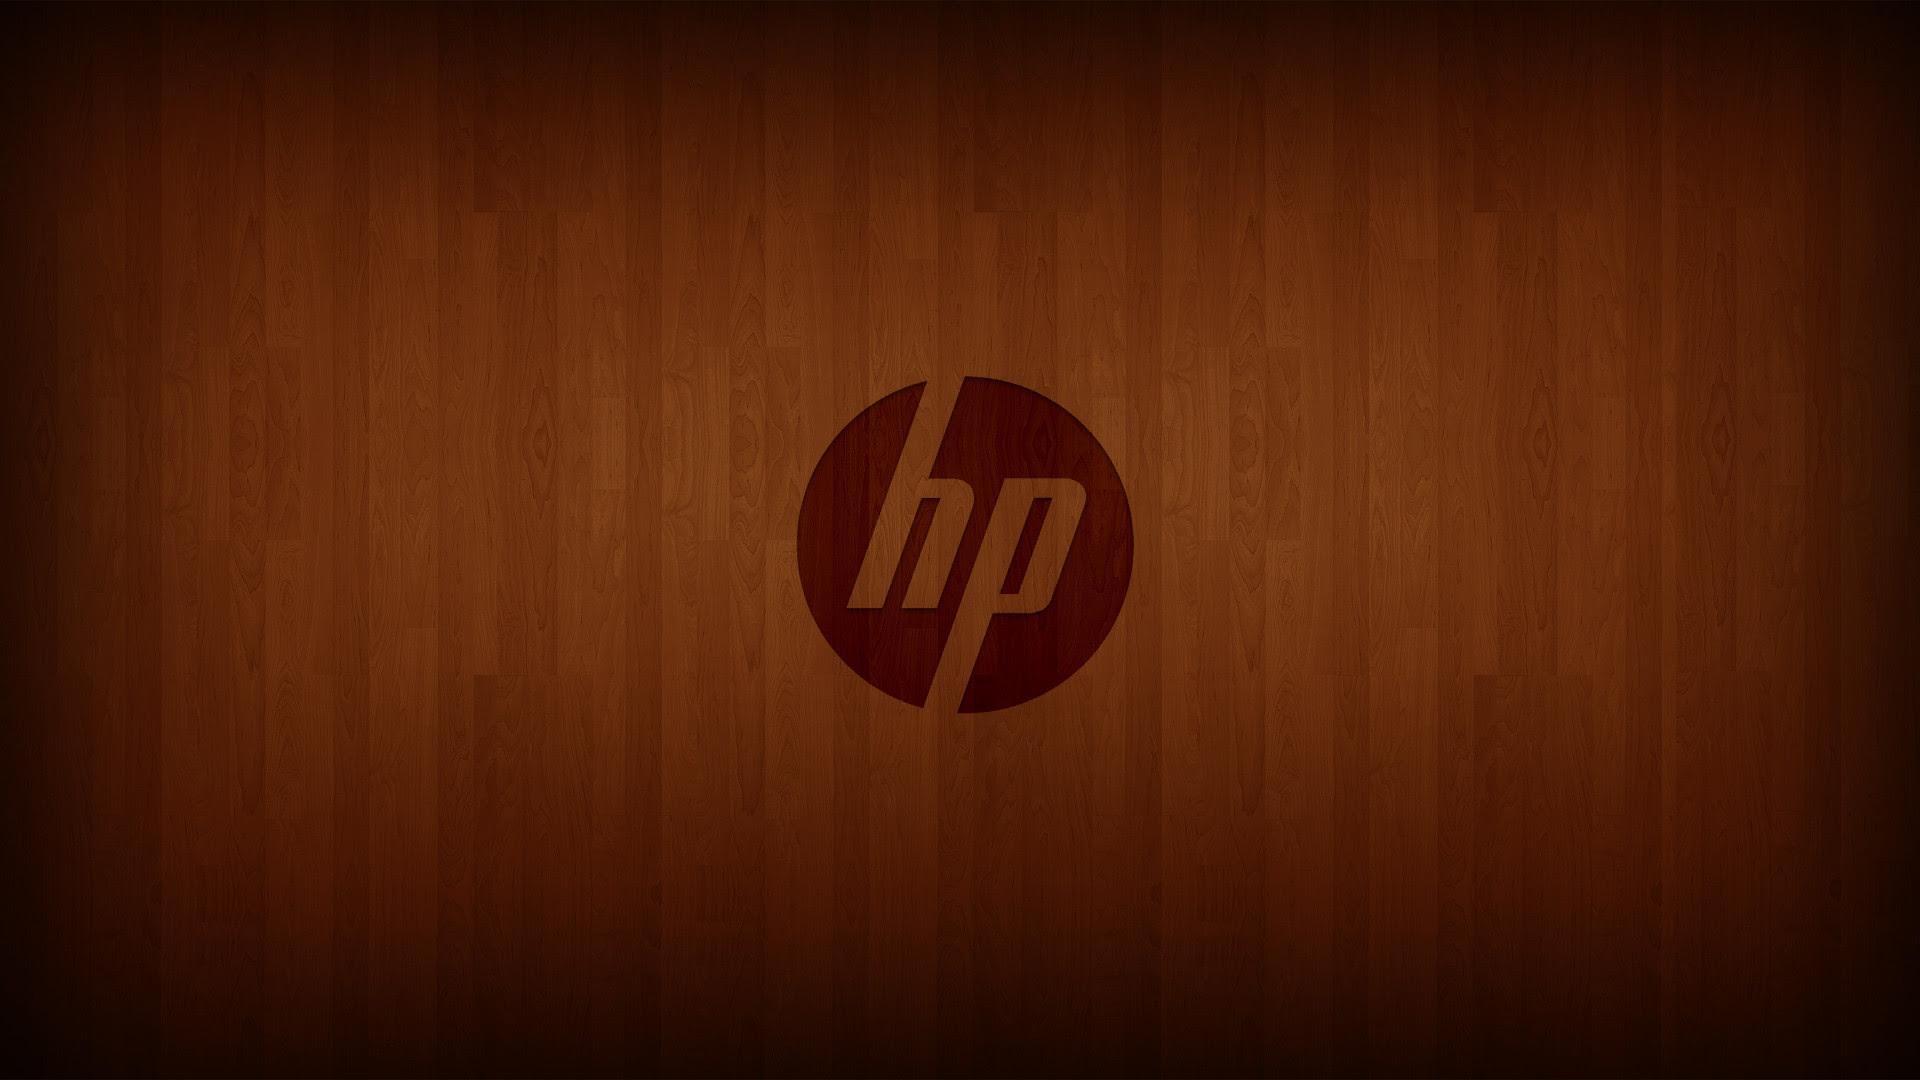 4700 Koleksi Hp Logo Hd Wallpaper Download HD Terbaru